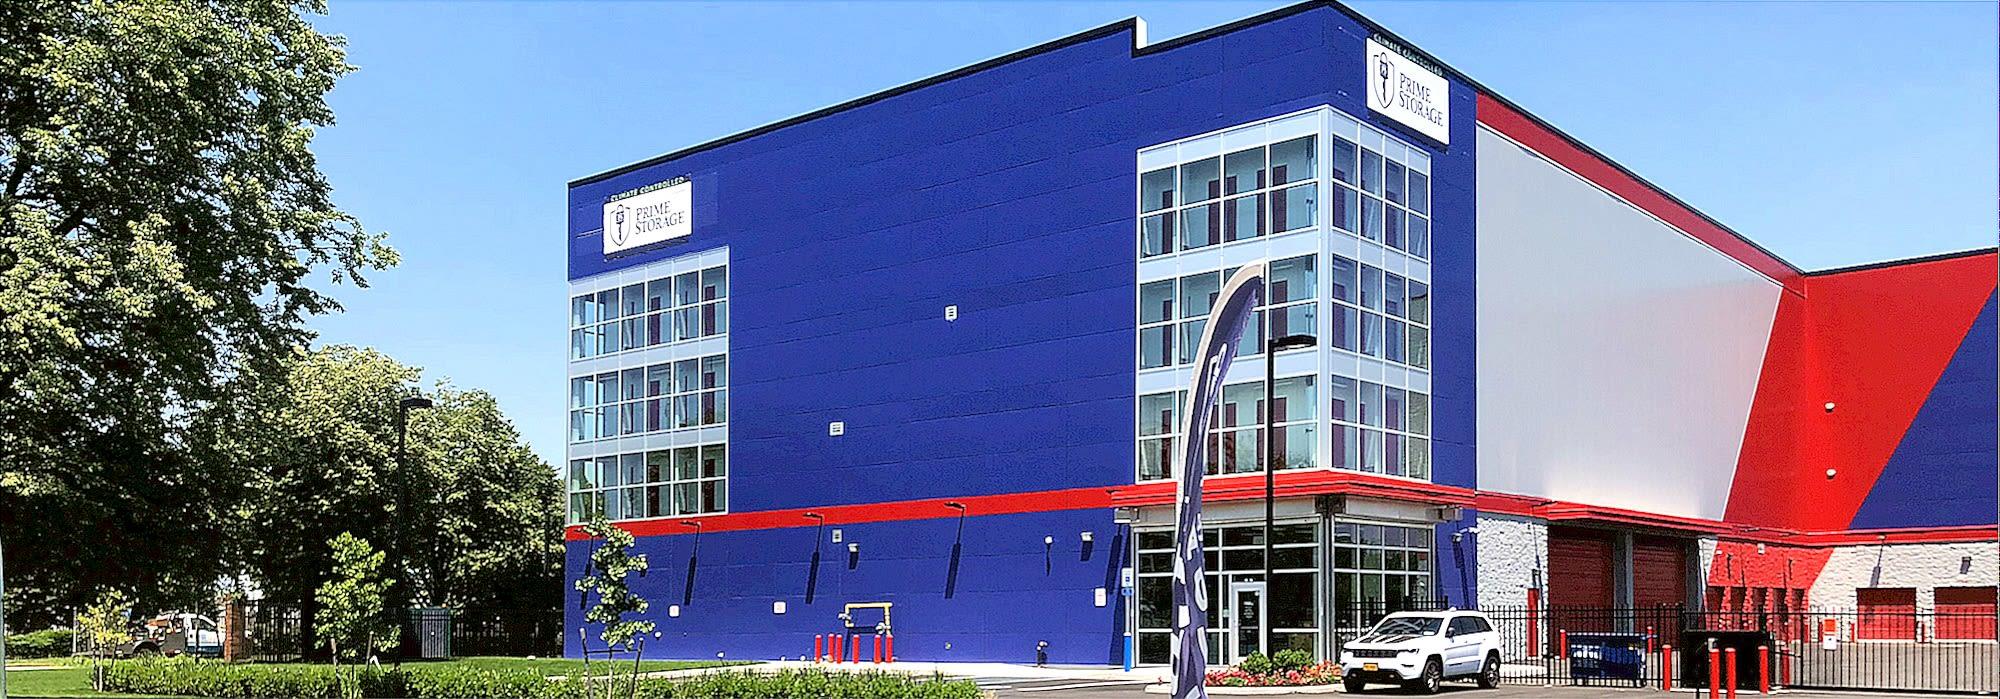 Prime Storage in Astoria, NY